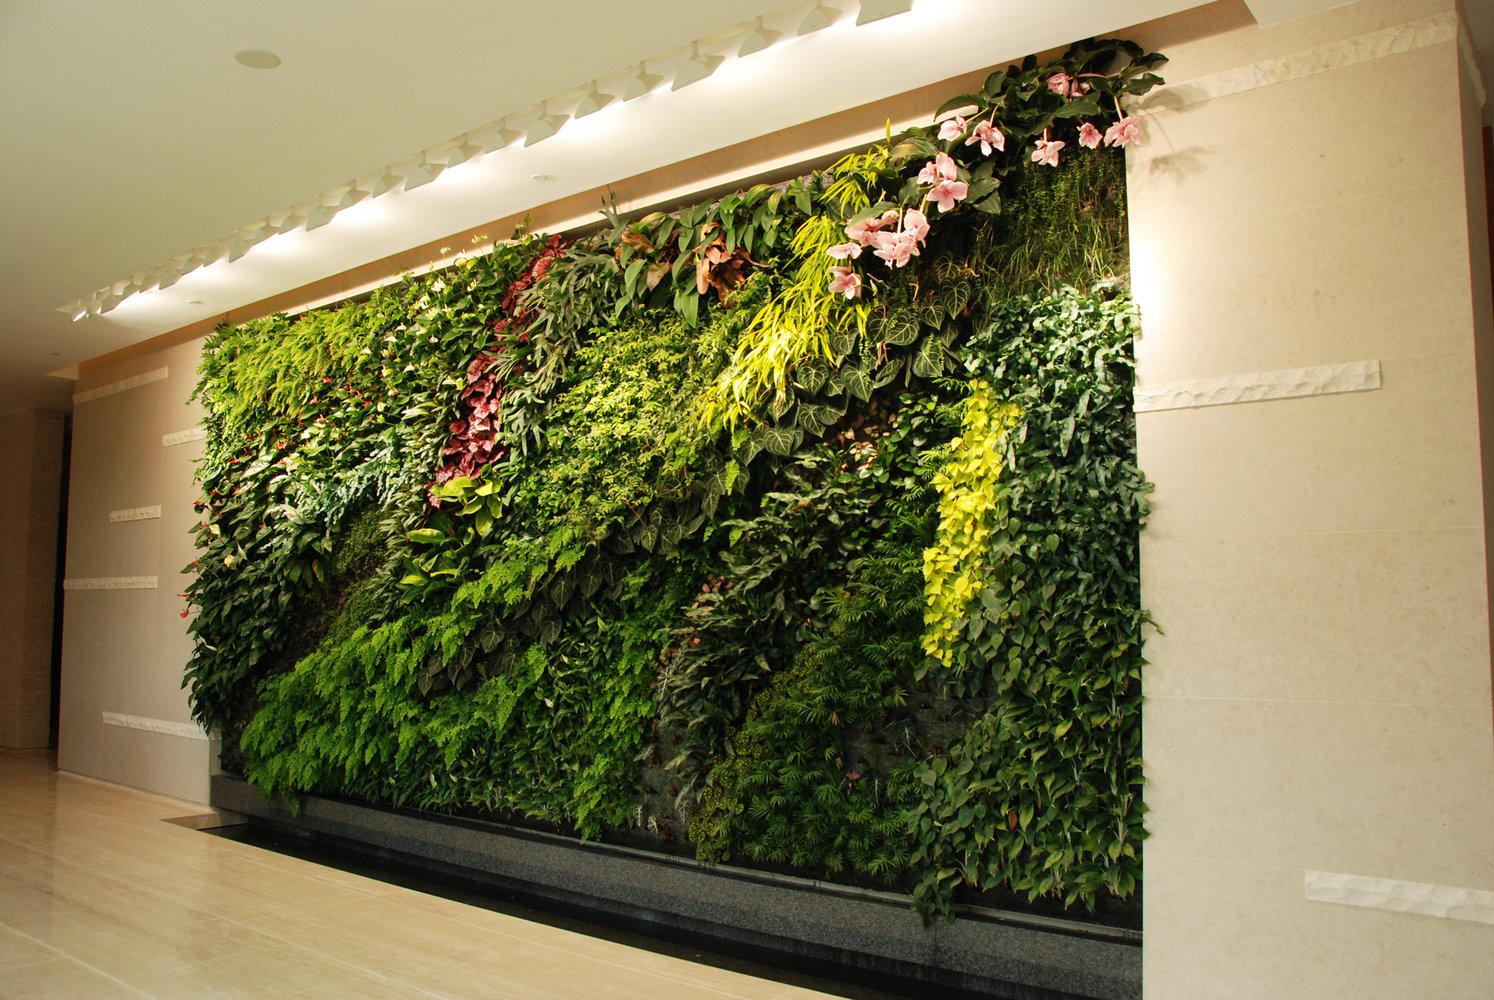 Club house vertical garden le valais hong kong vertical garden patrick blanc - Vertical garden ...